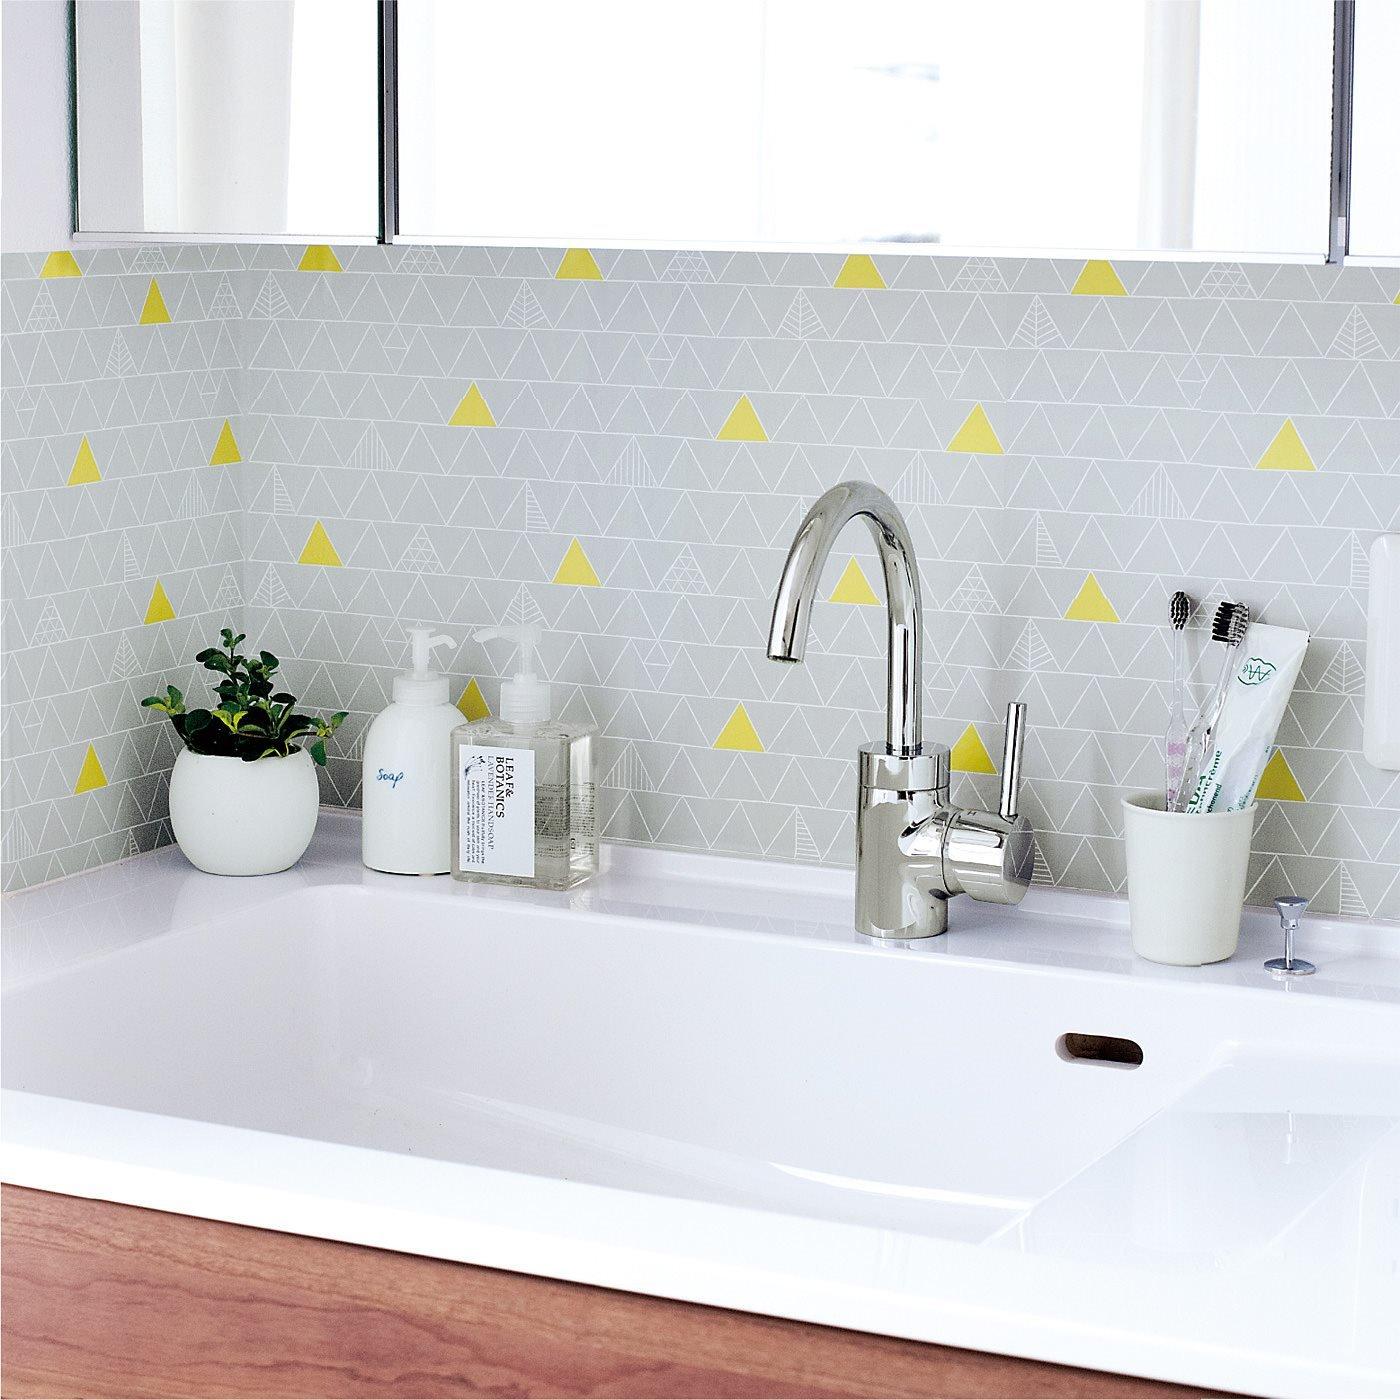 水はねを防止 汚れもふき取れる 貼ってはがせる壁紙シートの会